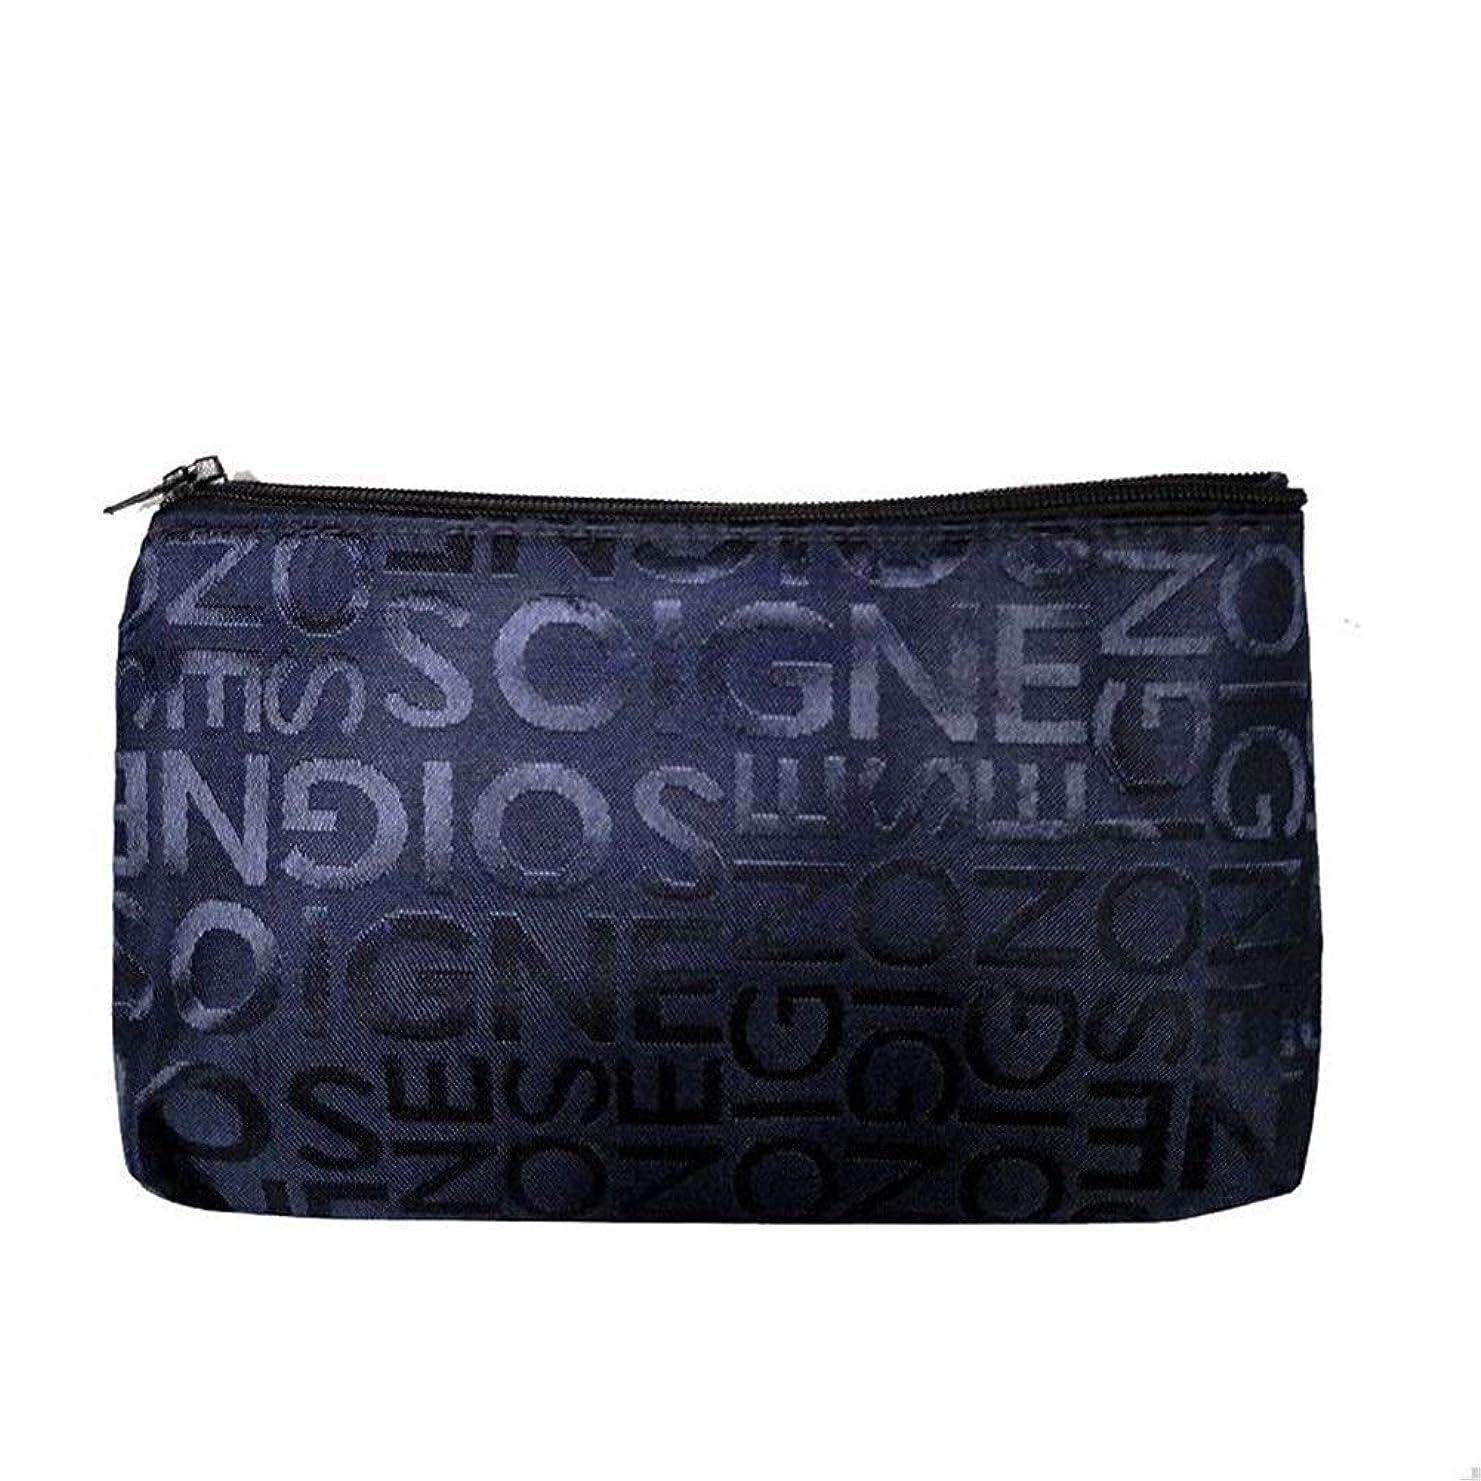 要求著者スマート女性ポータブル多機能美容ジッパー旅行化粧品バッグ by zhuyuanhai (Color : Dark Blue, サイズ : M)